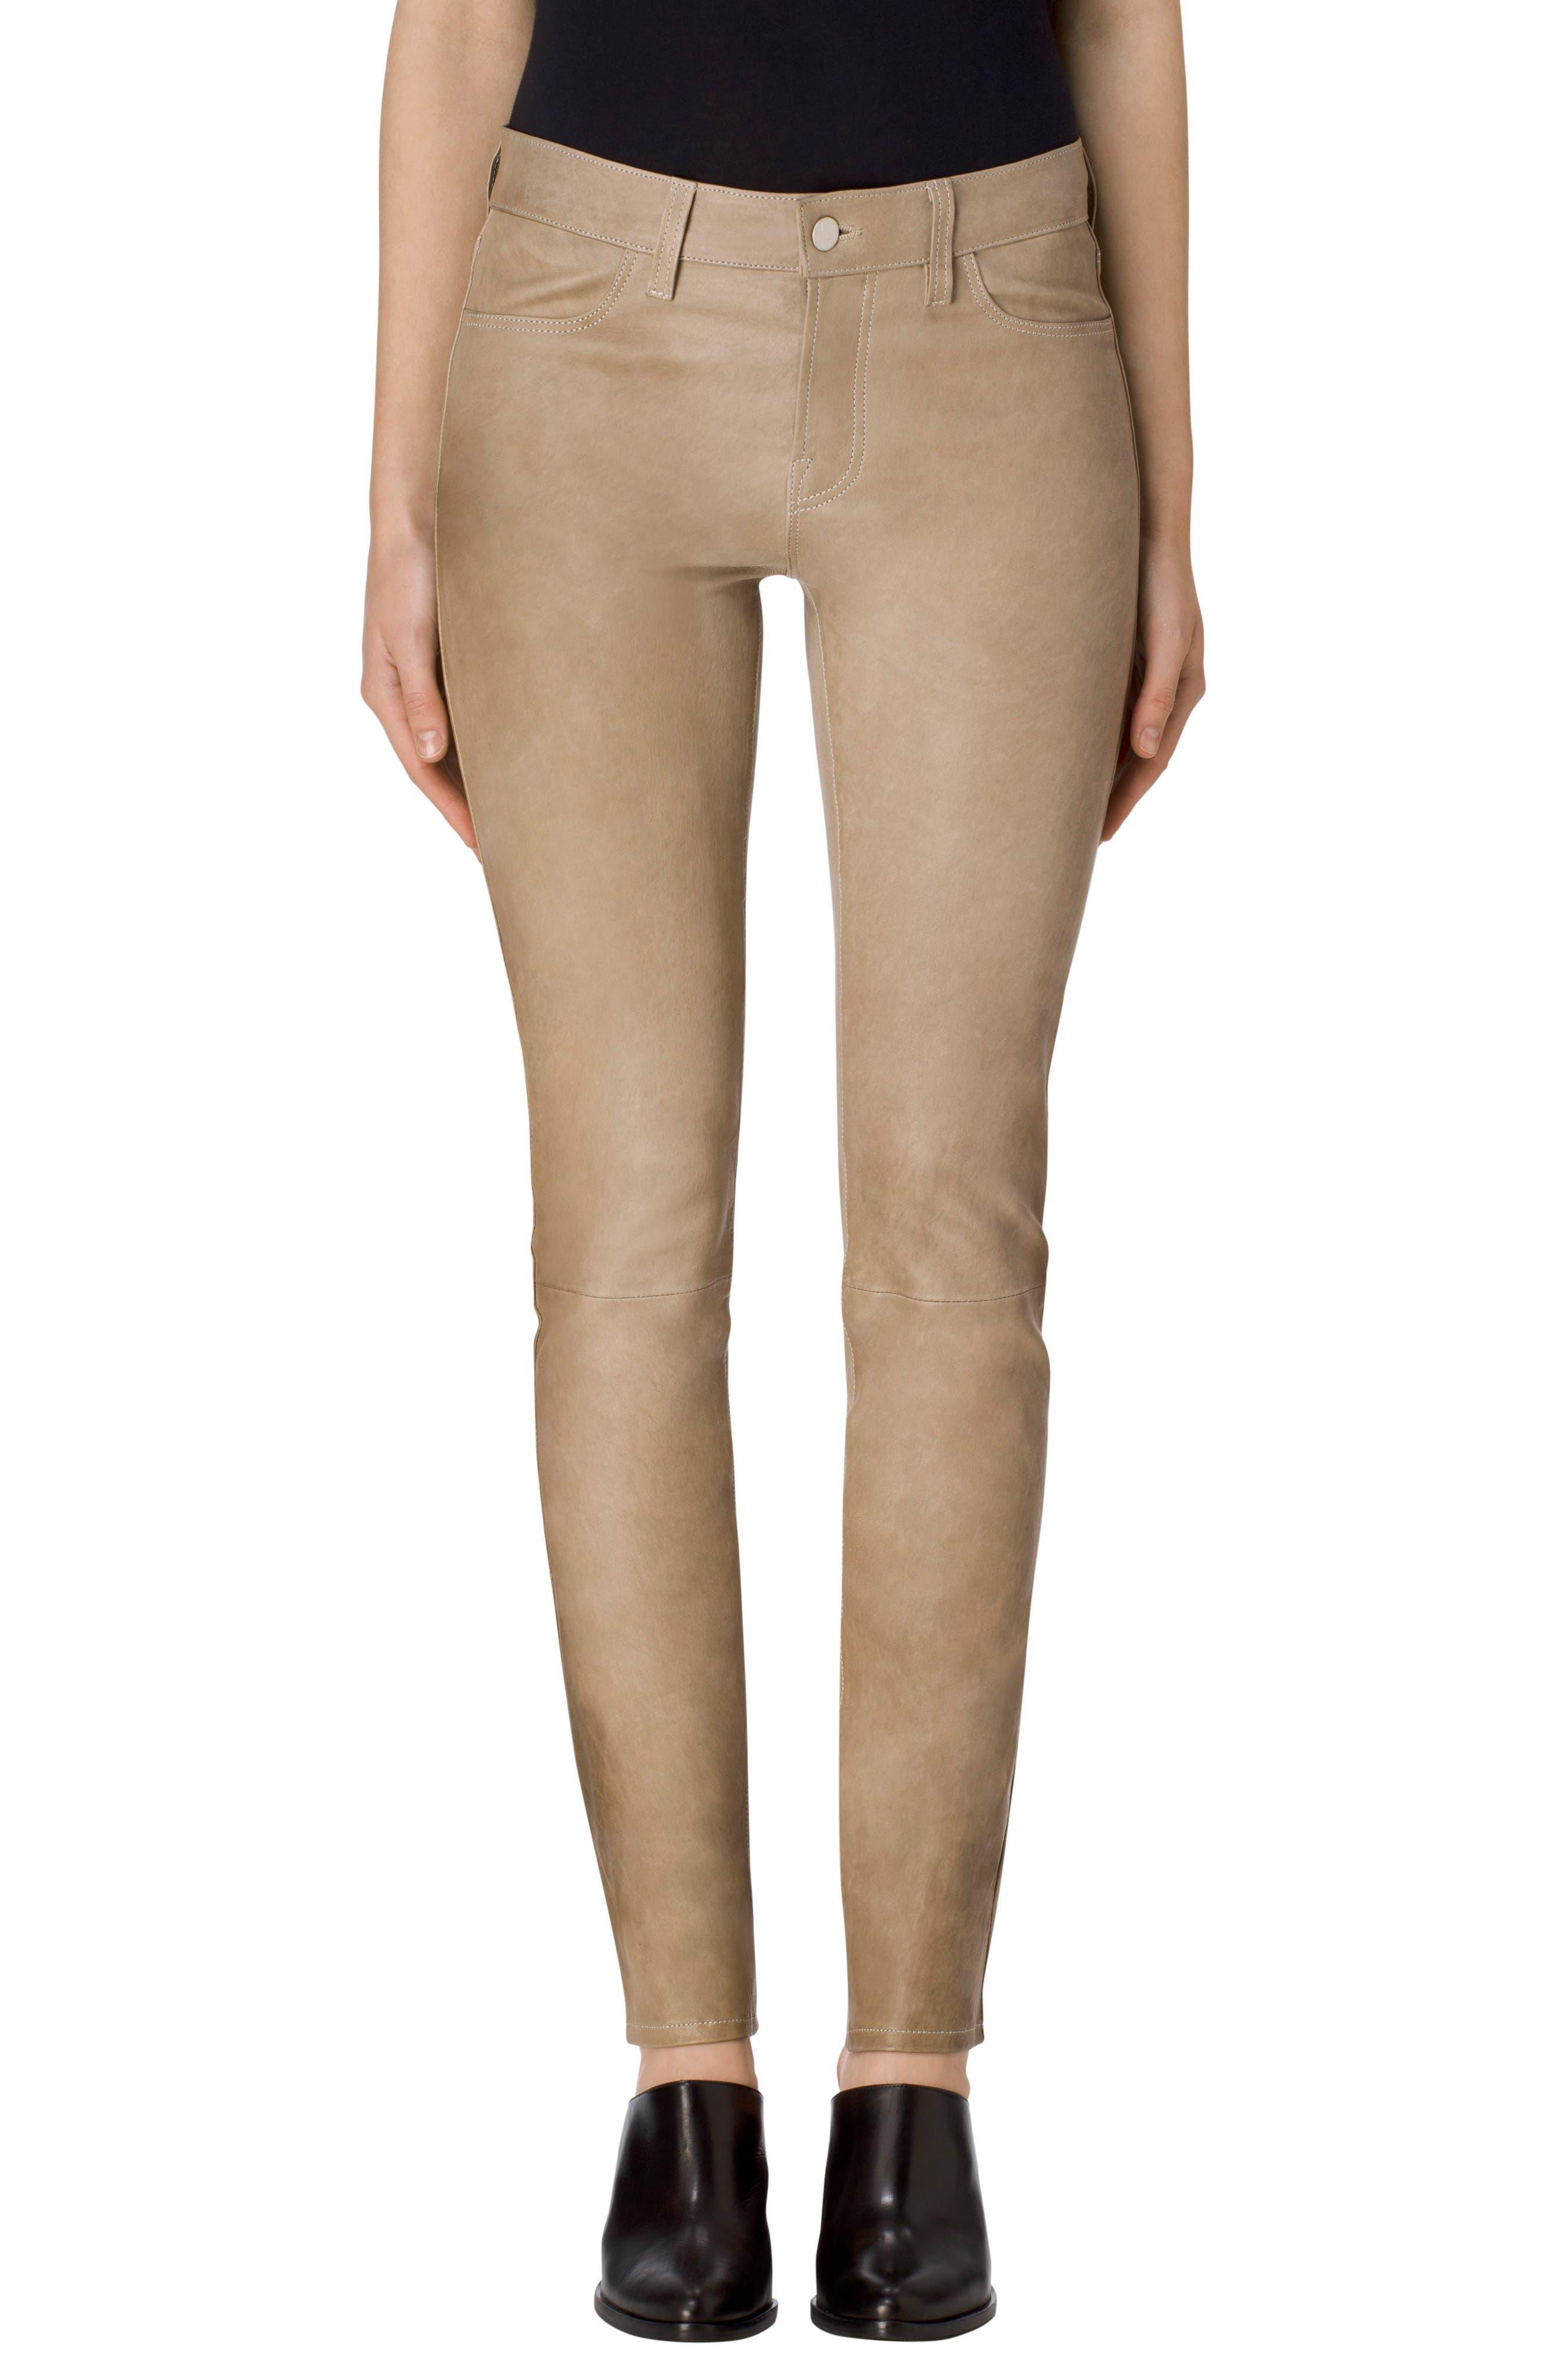 Maude Leather Cigarette Pants,                             Main thumbnail 1, color,                             Leaden